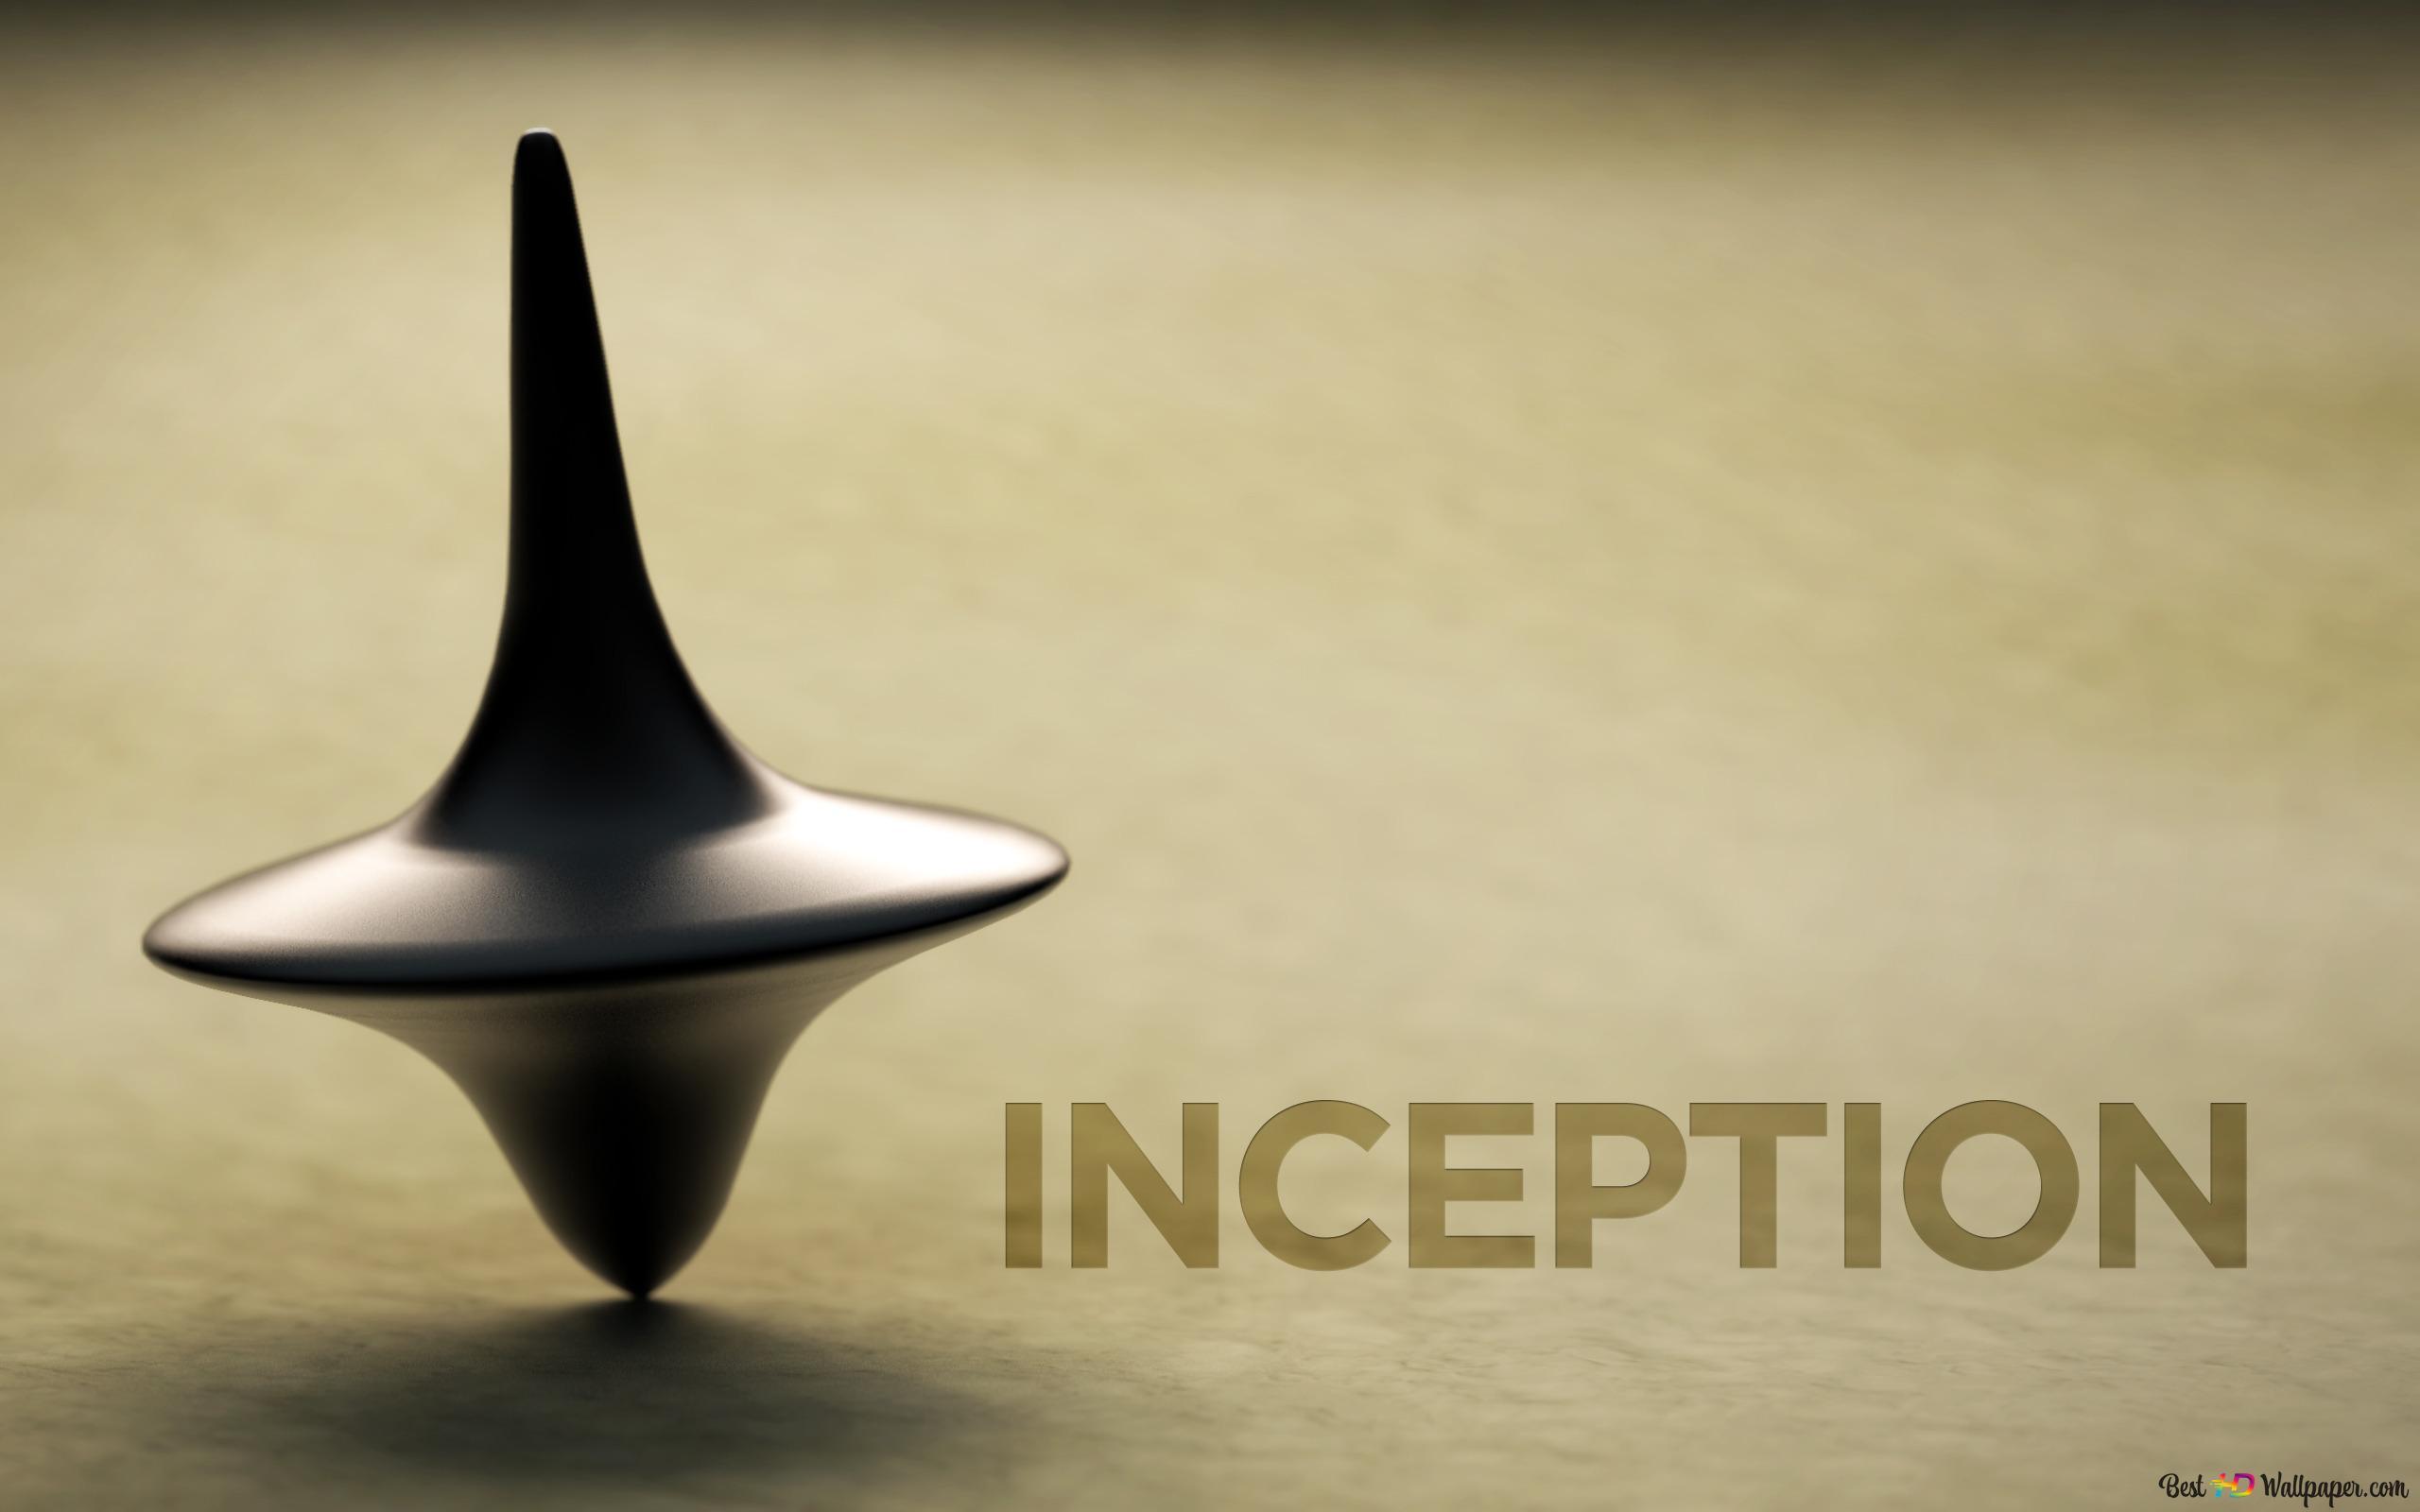 INCEPTION ITALIANO SCARICA